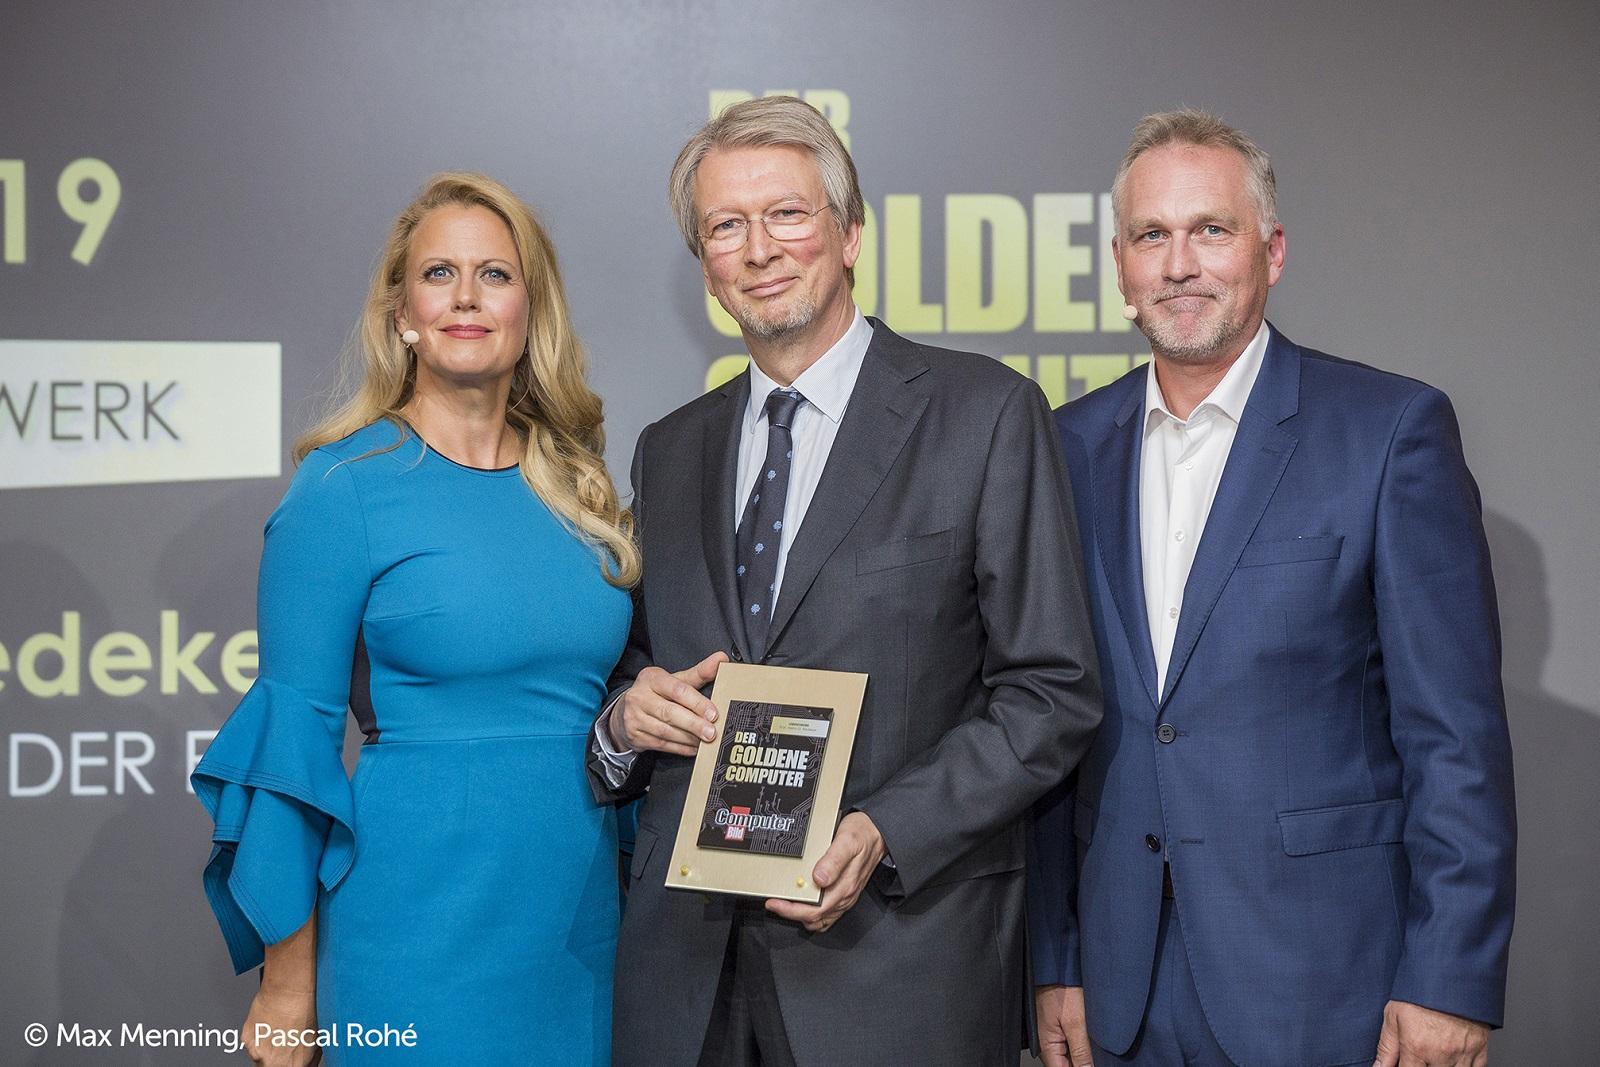 Goldener Computer 2019 für den Gründer von eQ-3